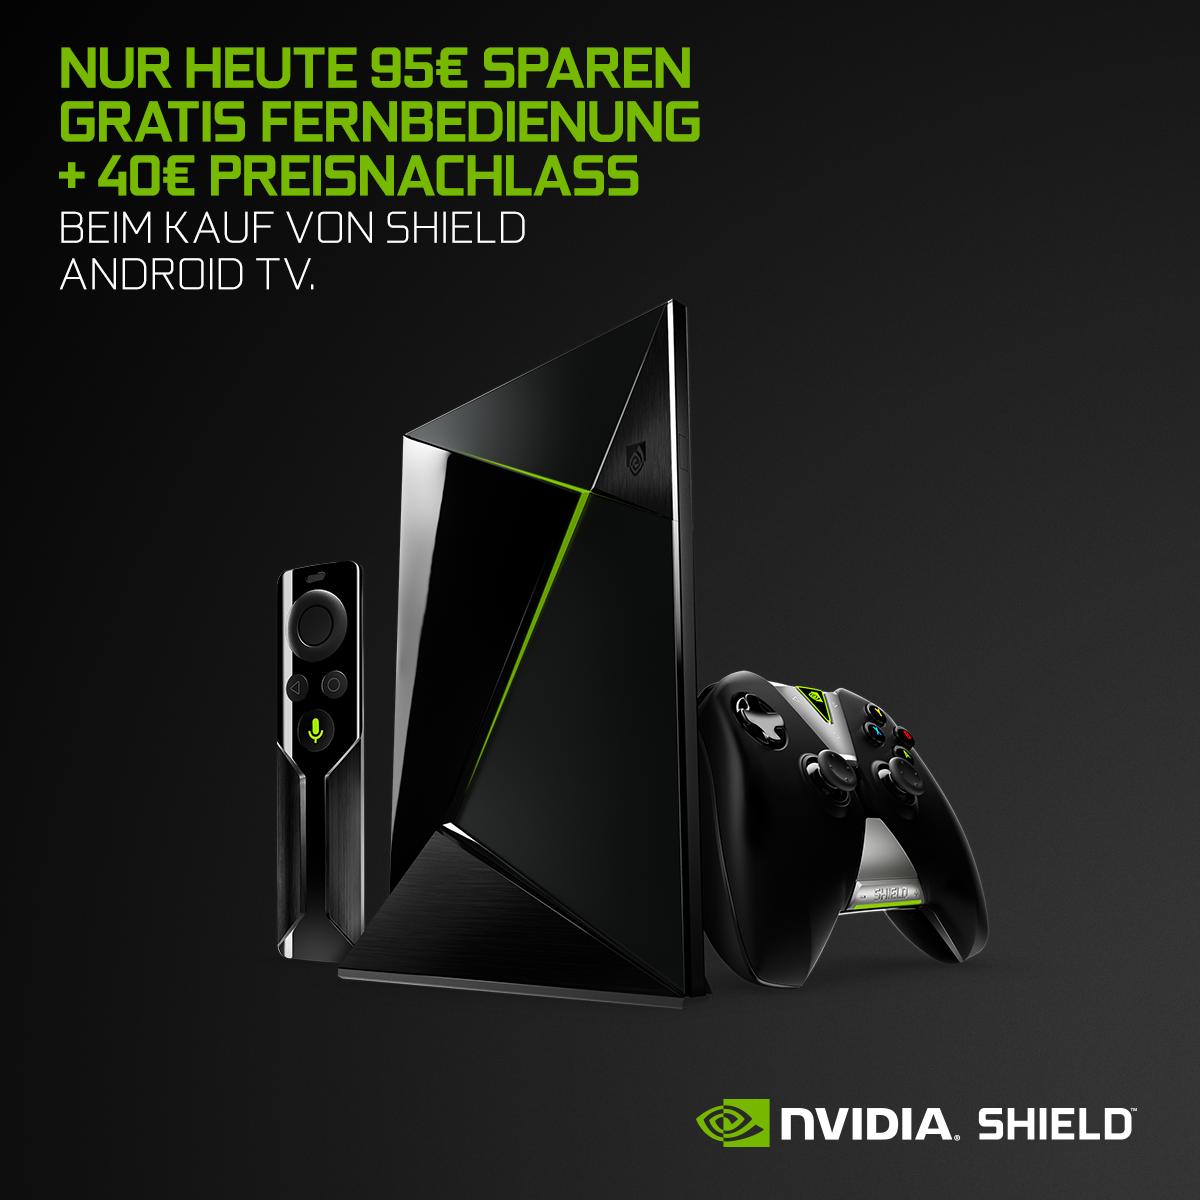 15-nv-shield_black_frx0rfy.png